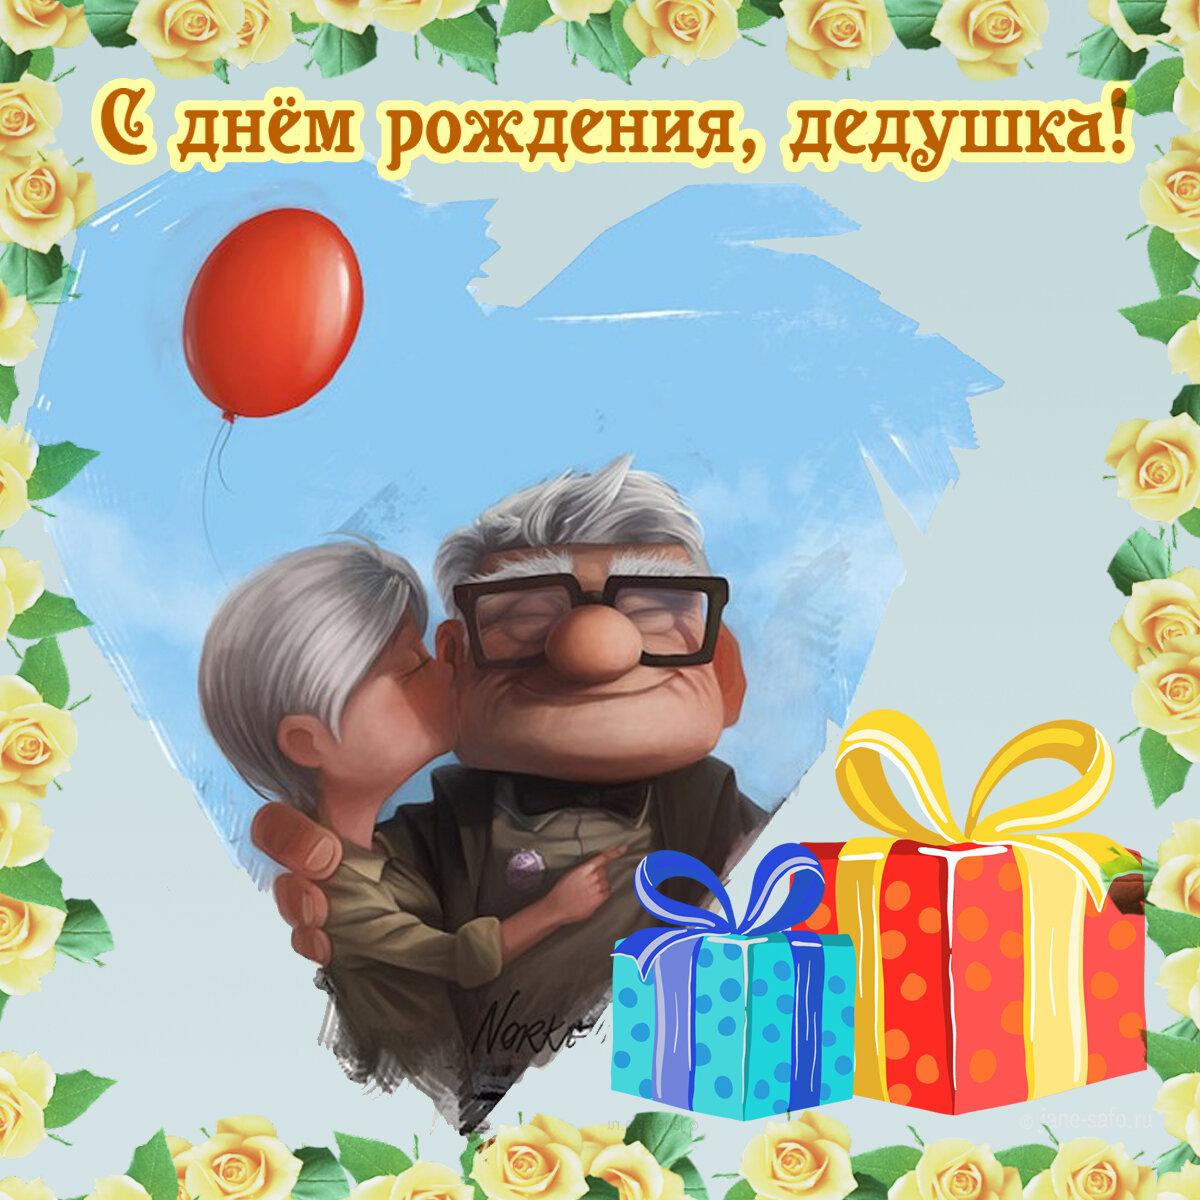 Картинки дедушке на день рождения от внука прикольные, картинки надписями